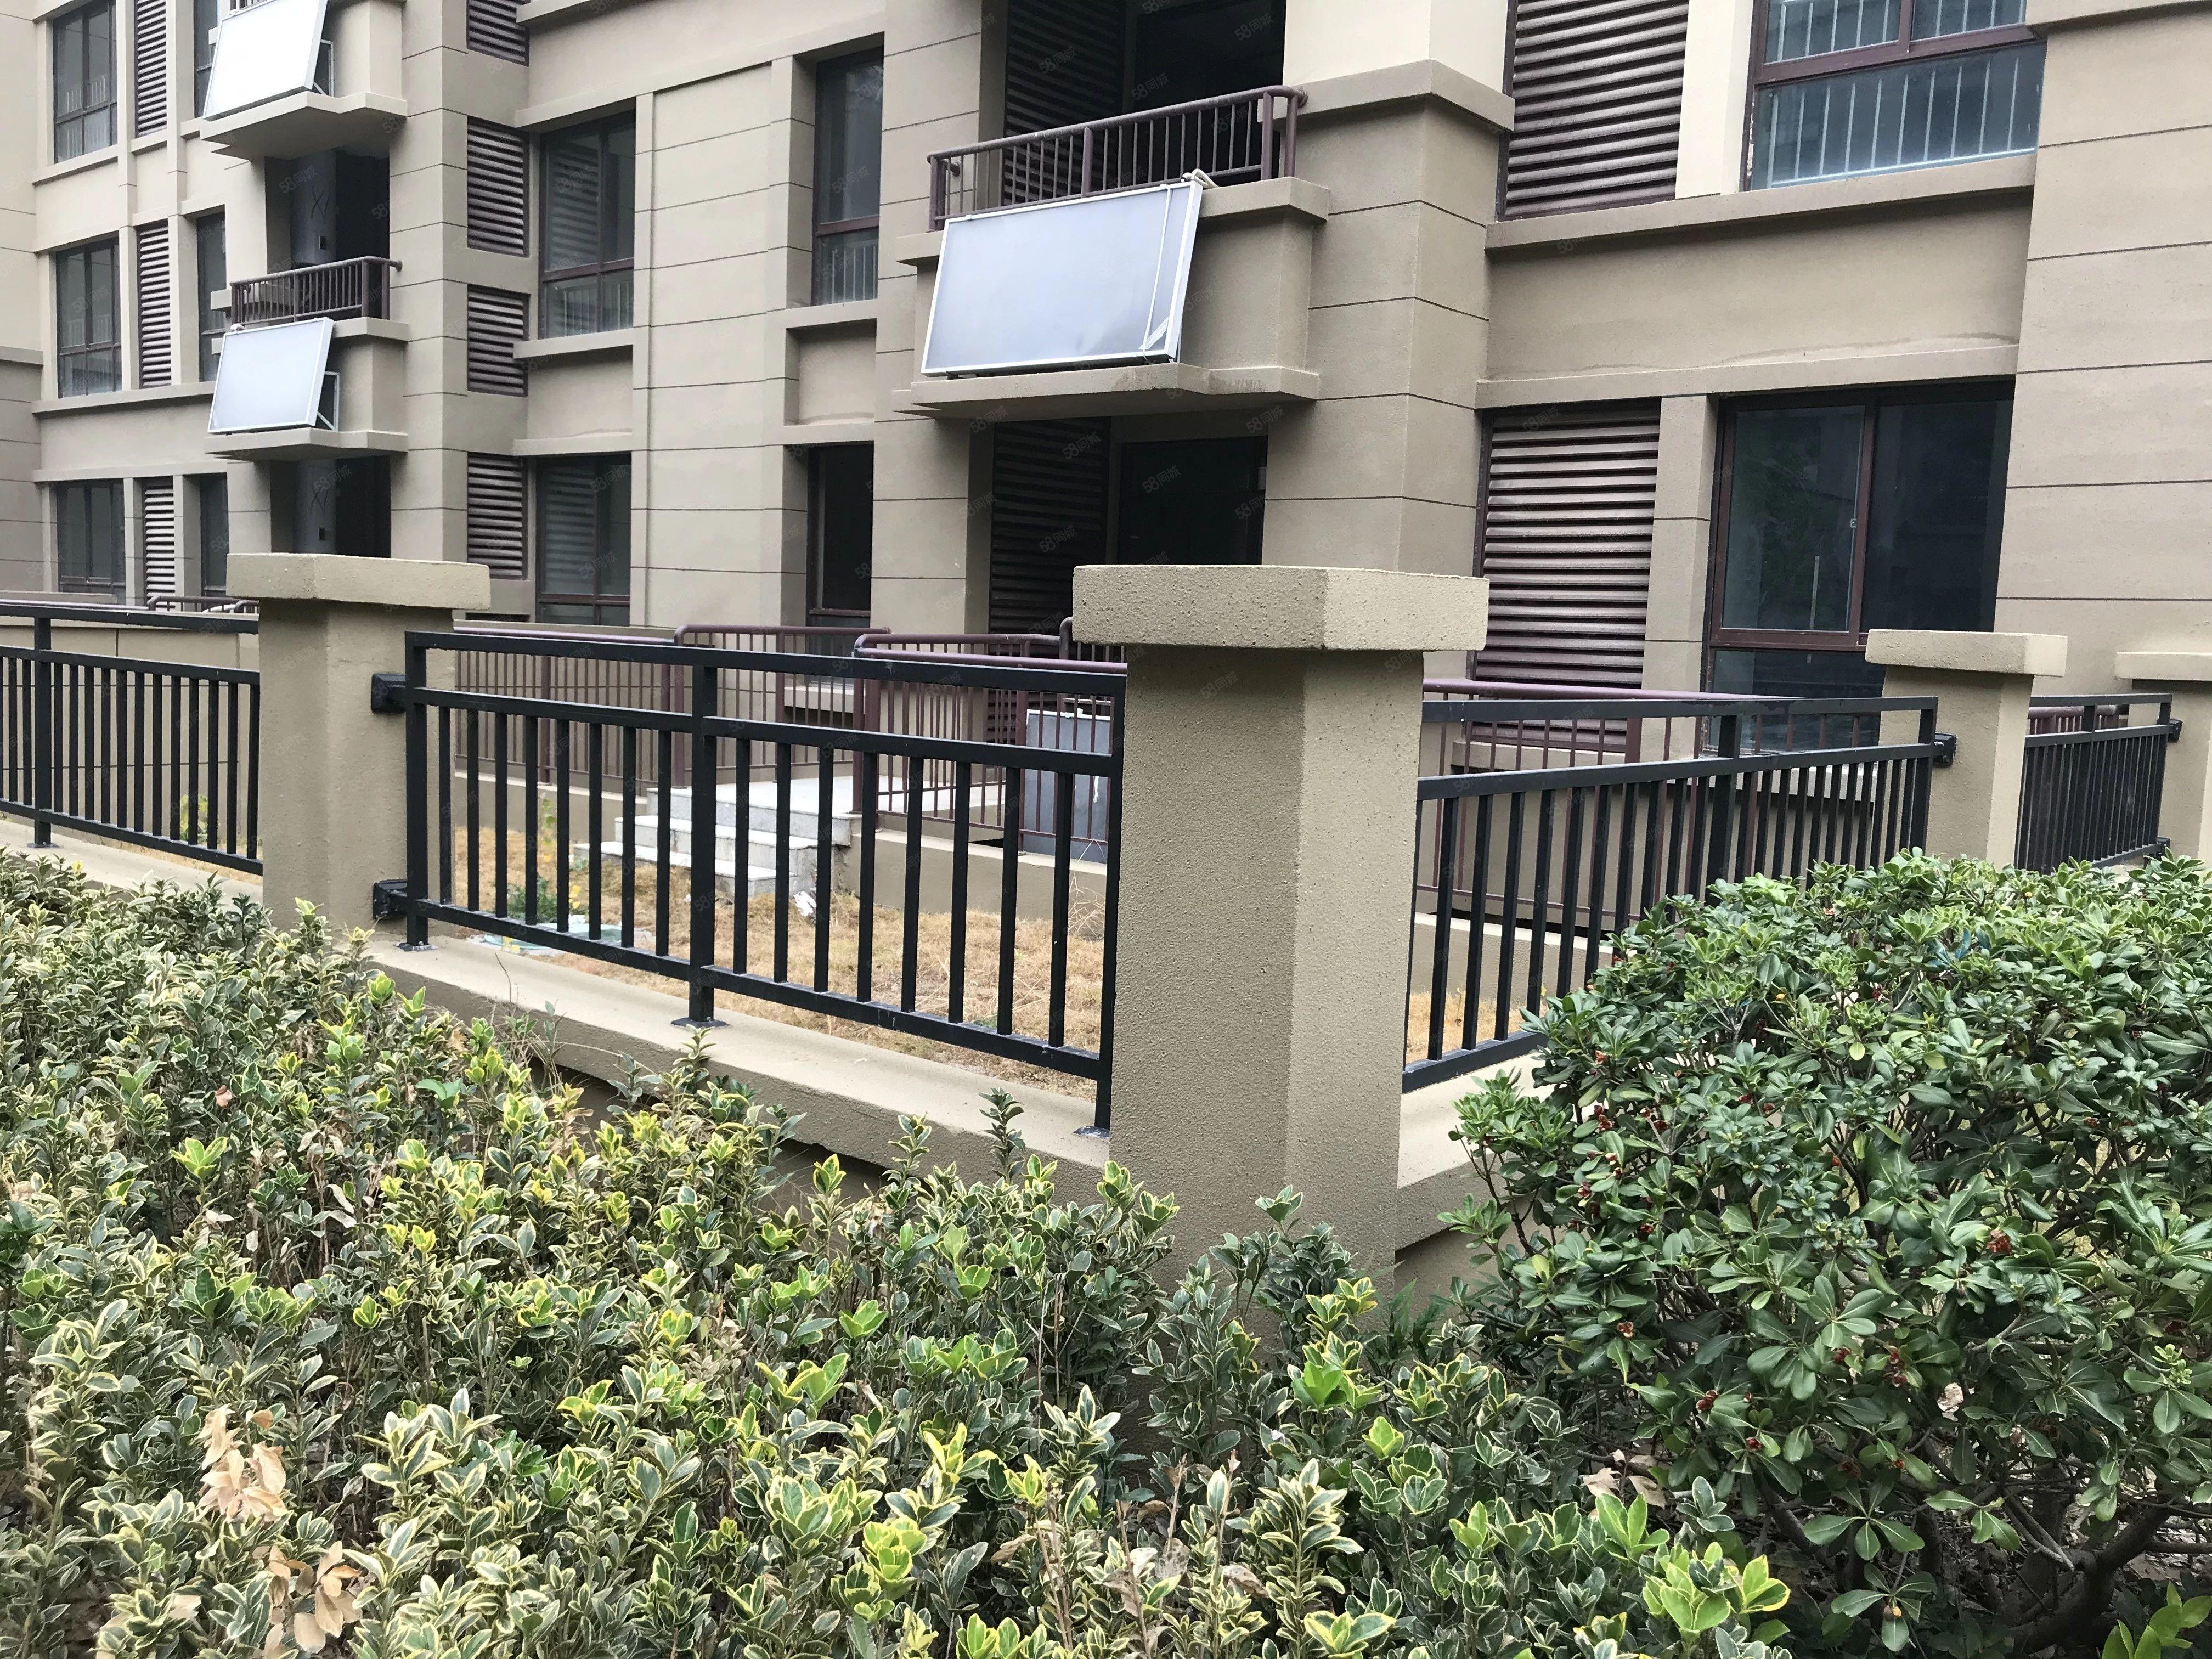 急卖天河瑞景一楼带院复地下两层300平左右独.家房源随时看房